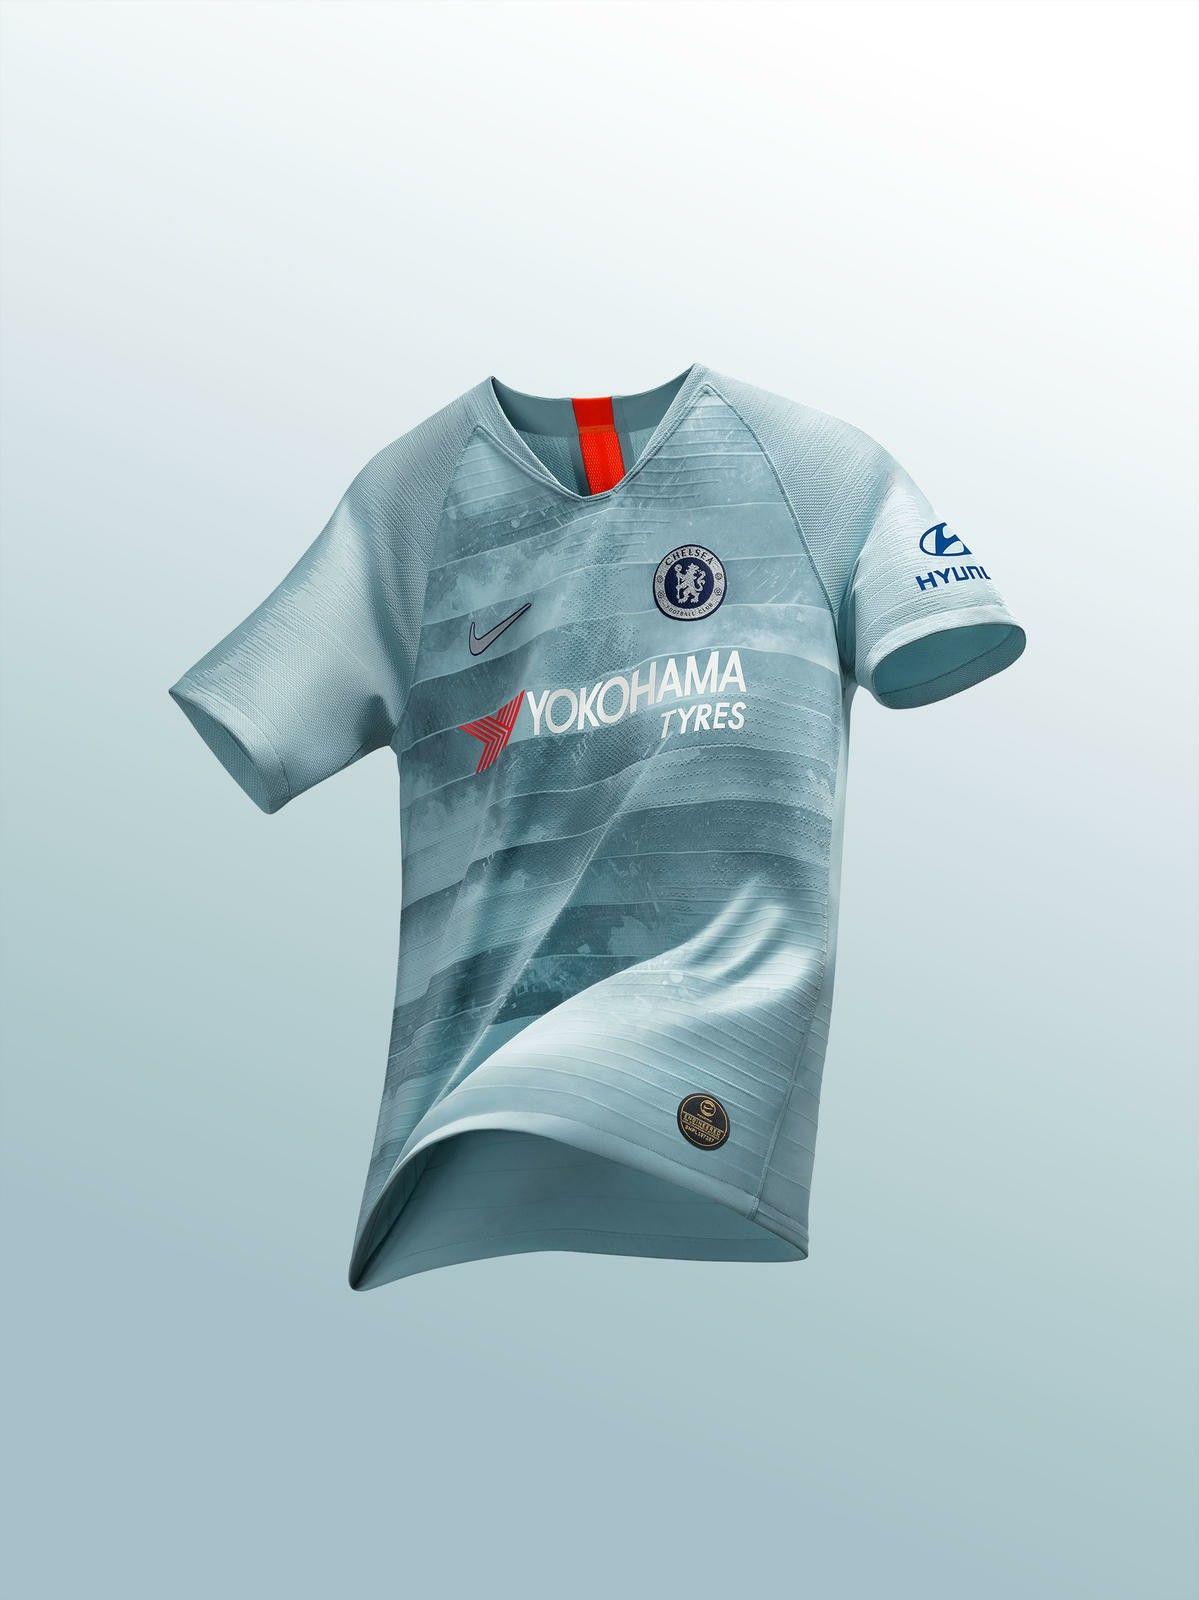 Soccer Memes On Twitter Chelsea S New Kit For Next Season